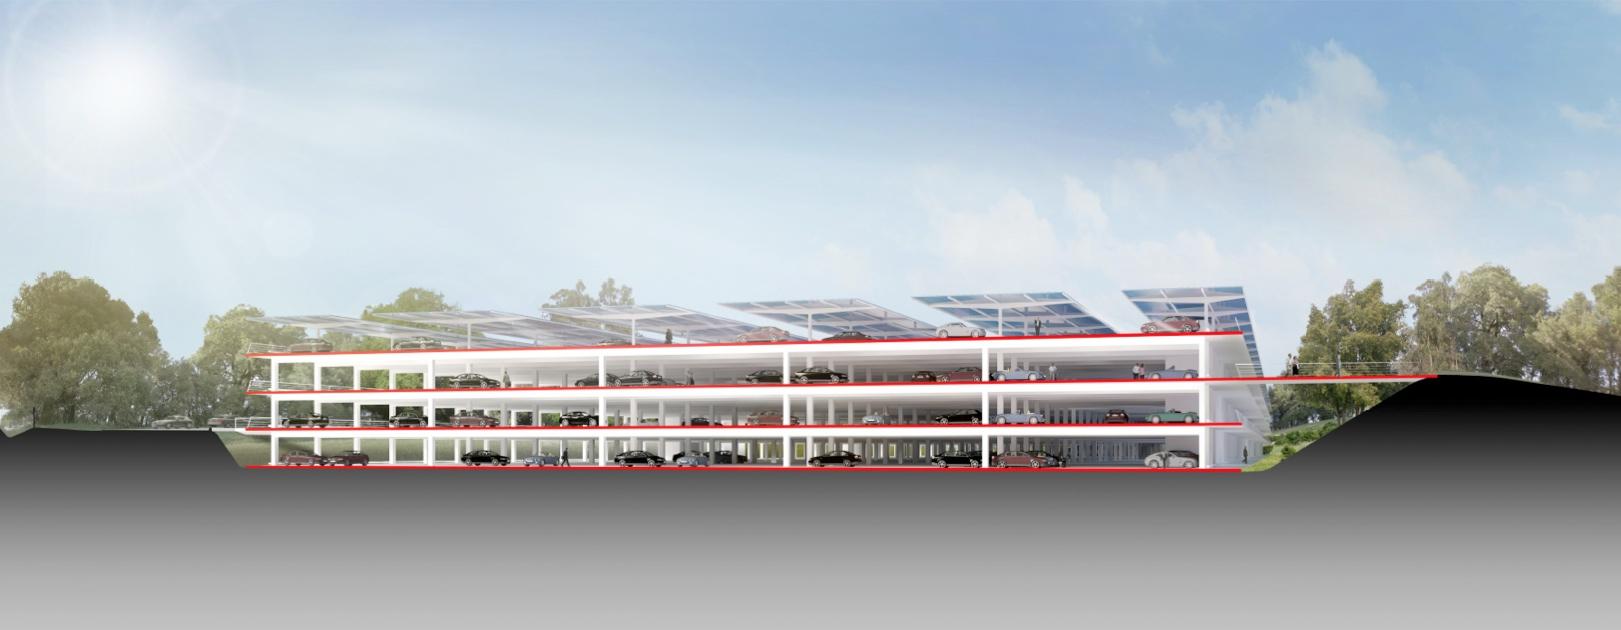 Raumschiffdesign: Details zu Apples neuer Firmenzentrale - Das Parkhause von Apples Campus 2 (Bild: Apple/Cupertino.org/Foster + Partners)